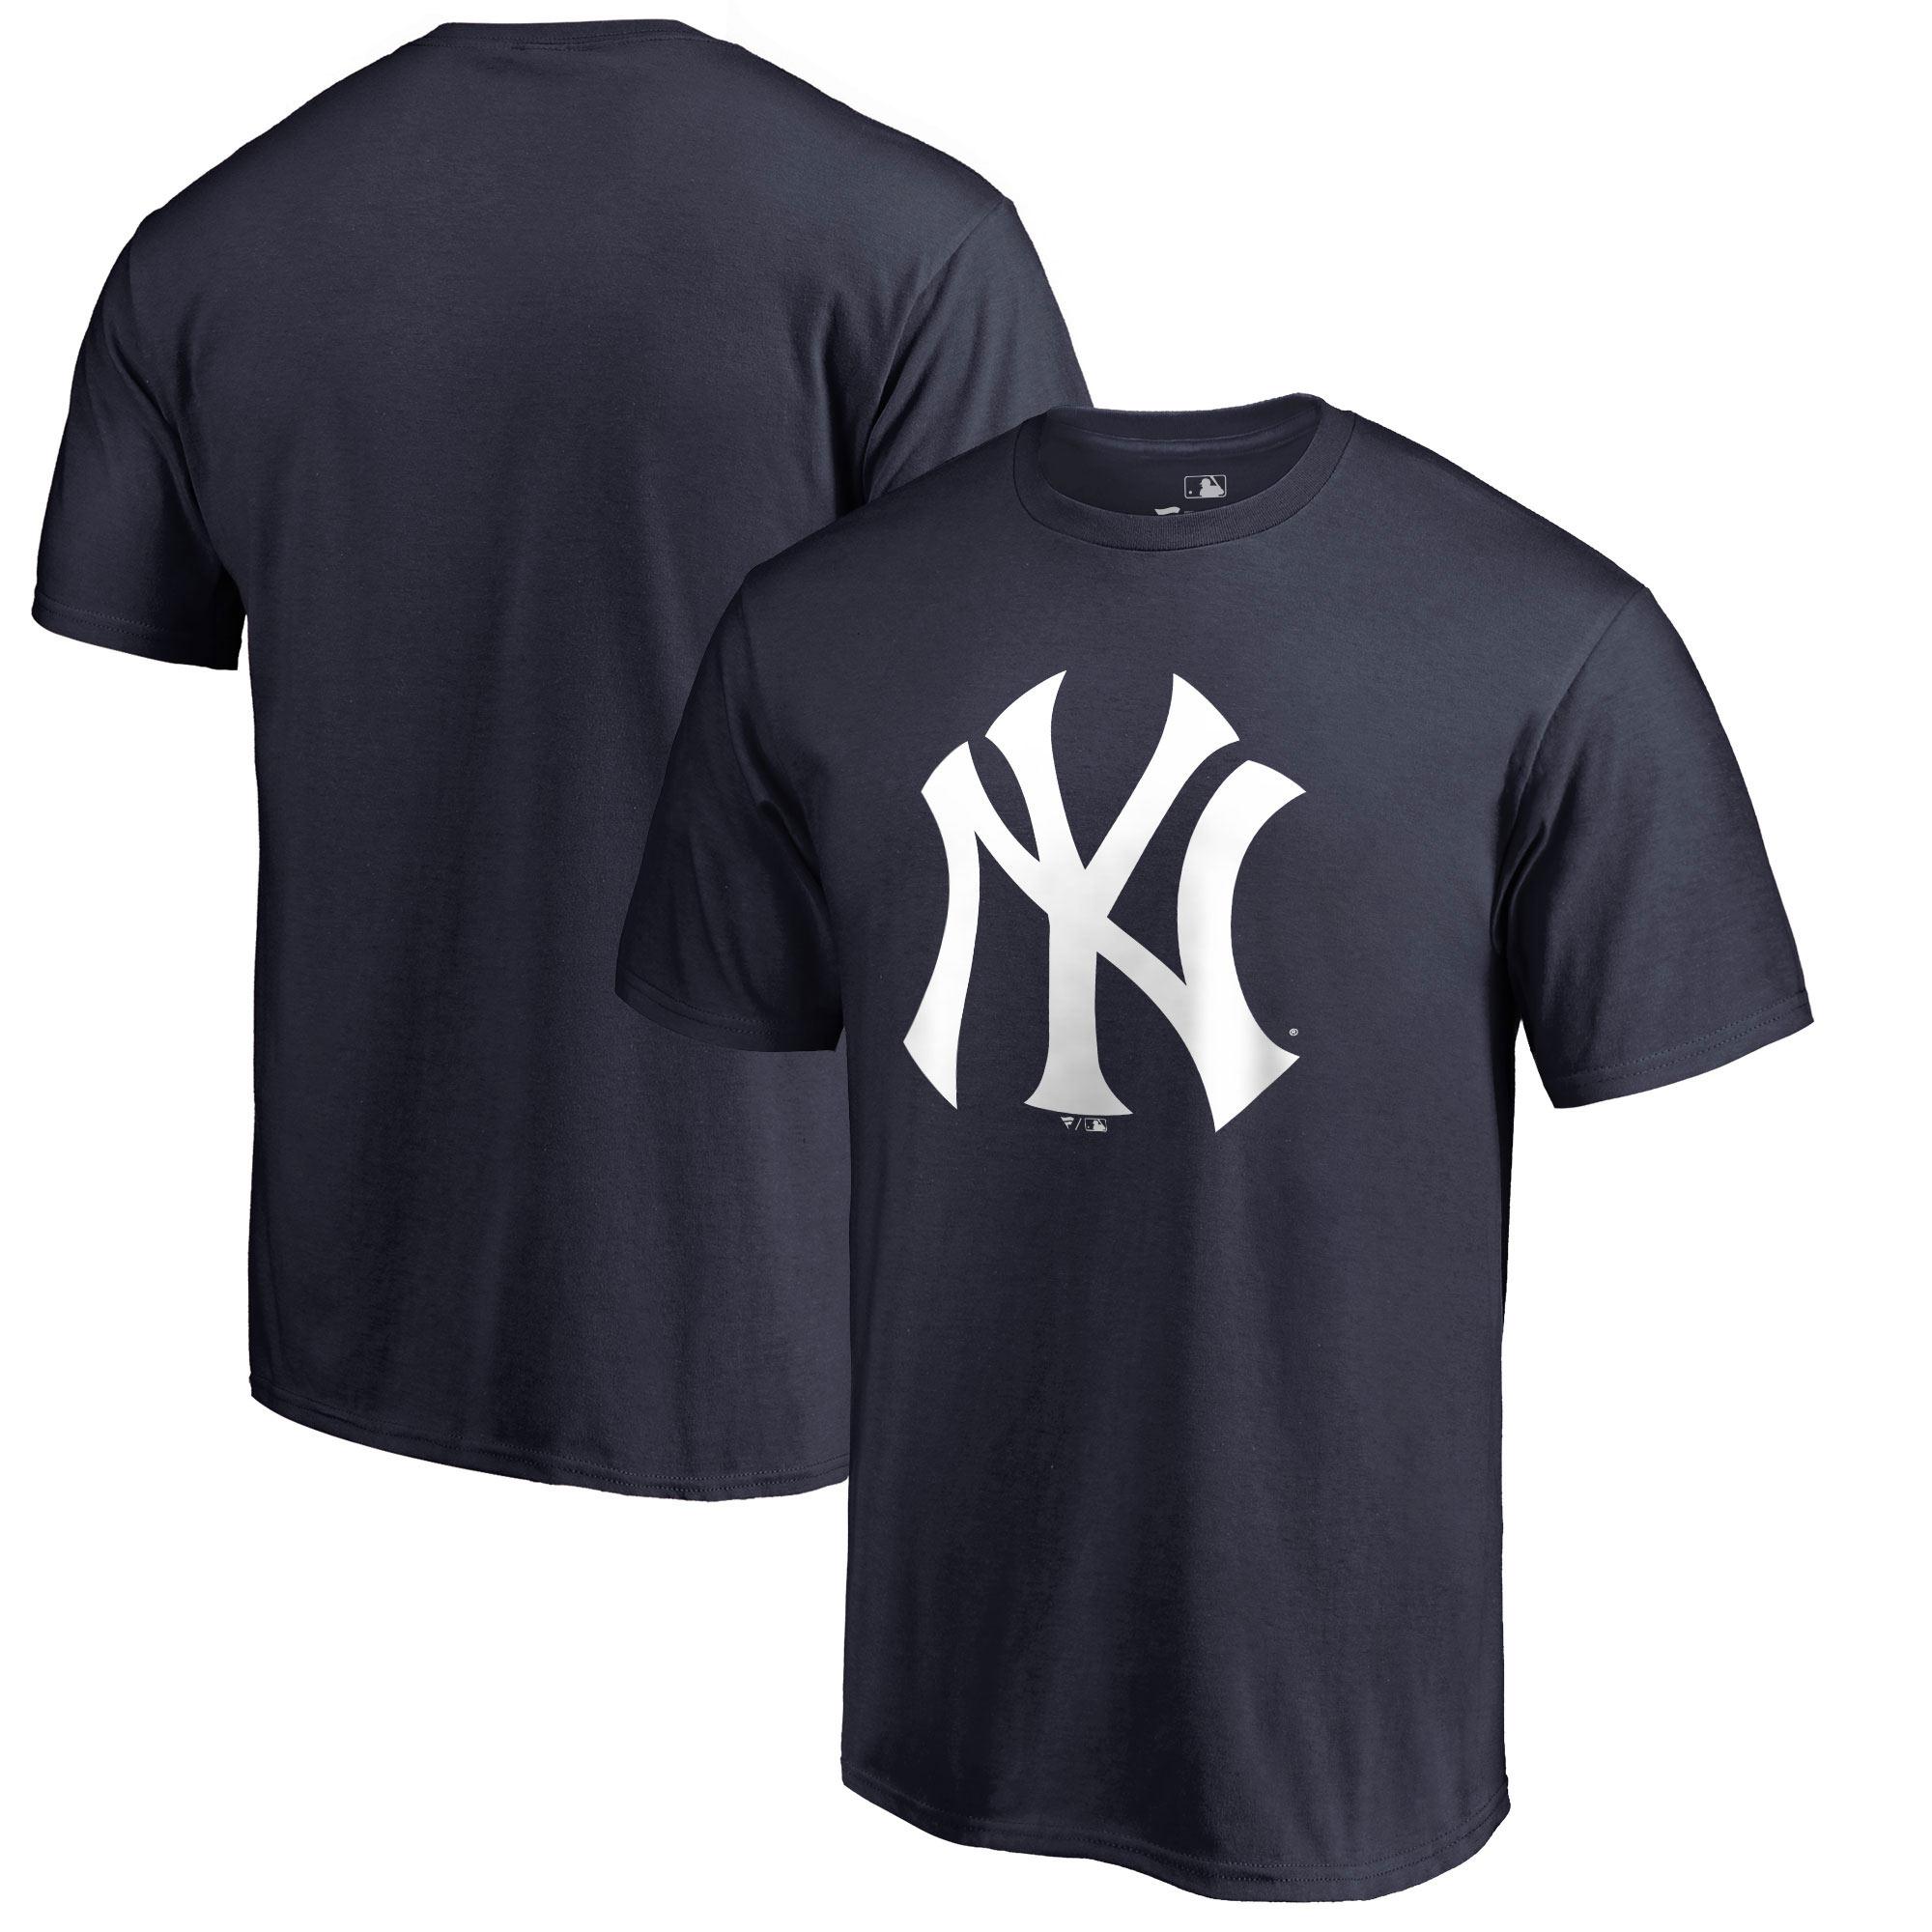 New York Yankees Primary Logo T-Shirt - Navy